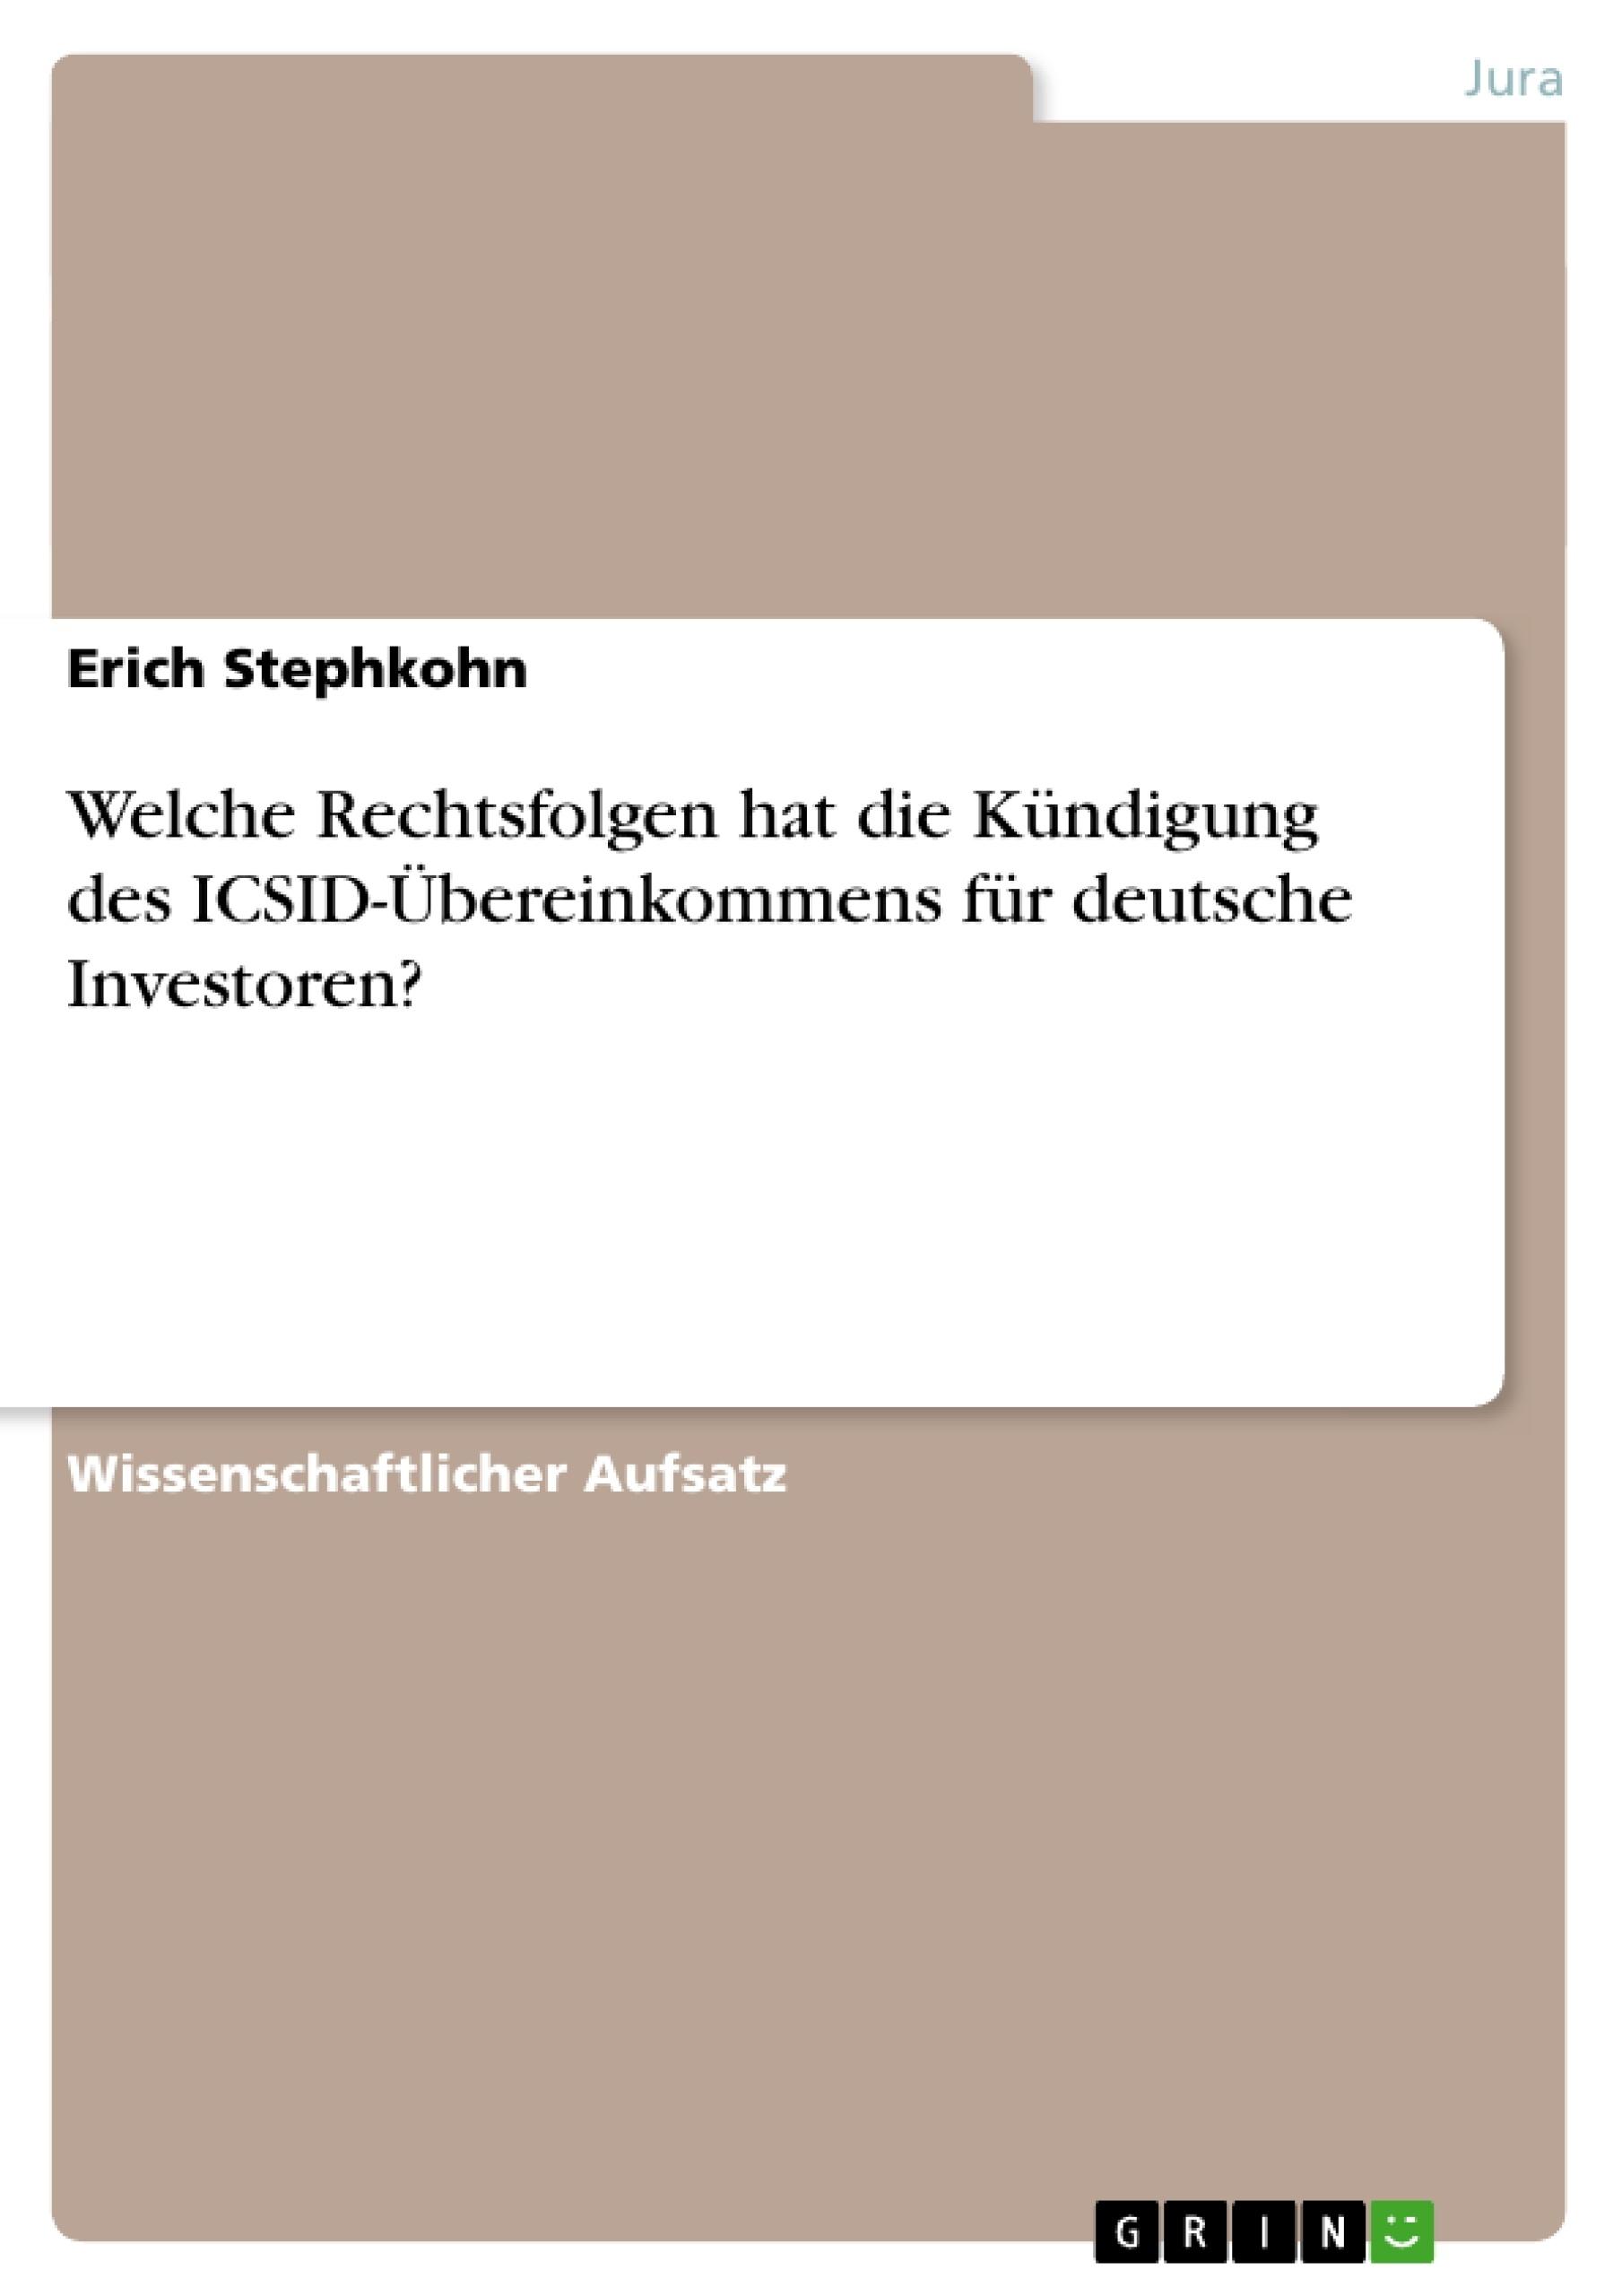 Titel: Welche Rechtsfolgen hat die Kündigung des ICSID-Übereinkommens für deutsche Investoren?